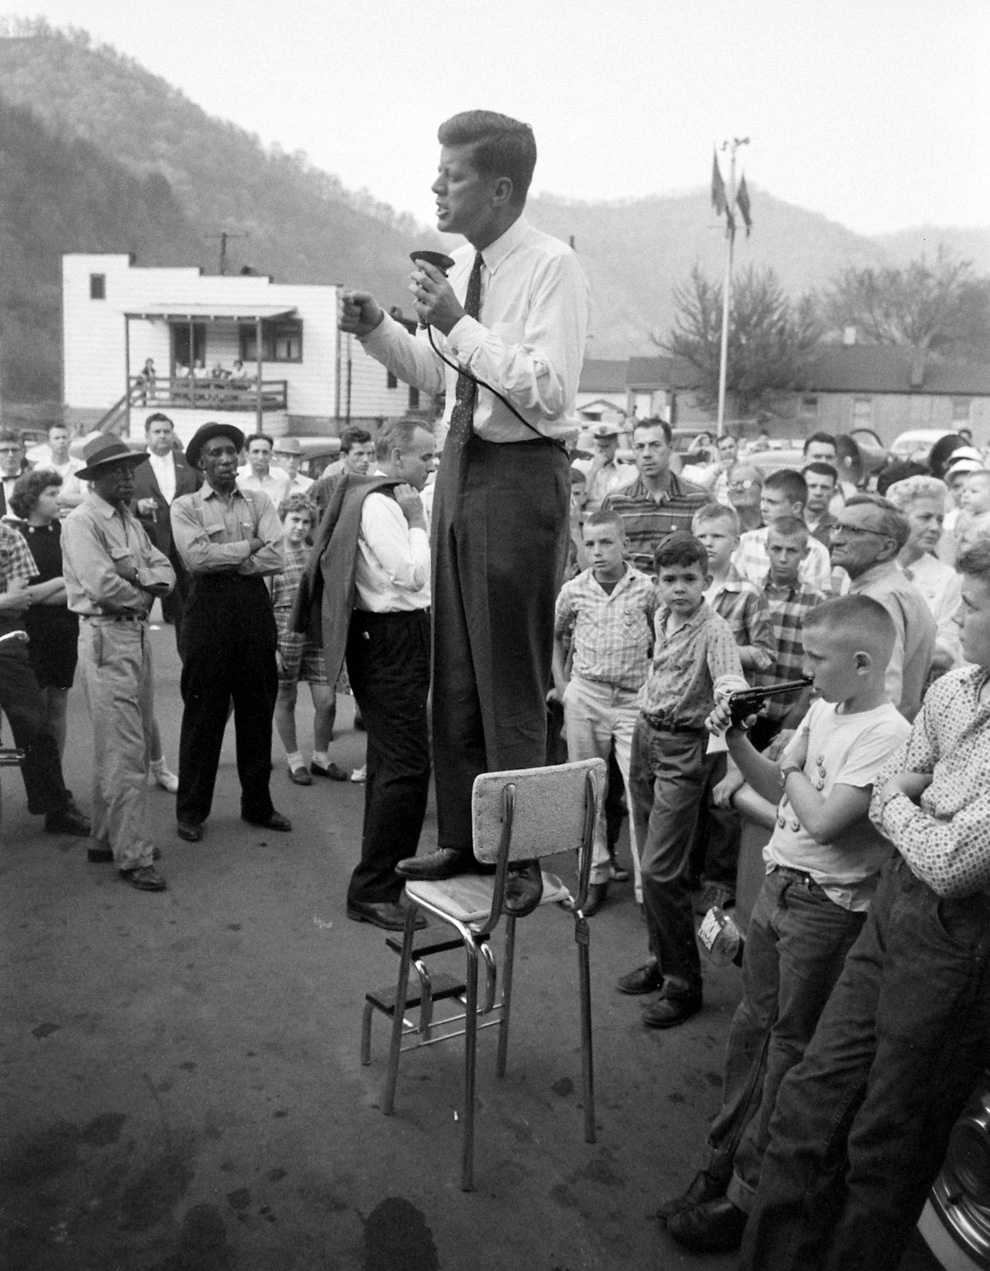 Джон Кеннеди выступает на предвыборном митинге, в  Logan County, штат Западная Вир�